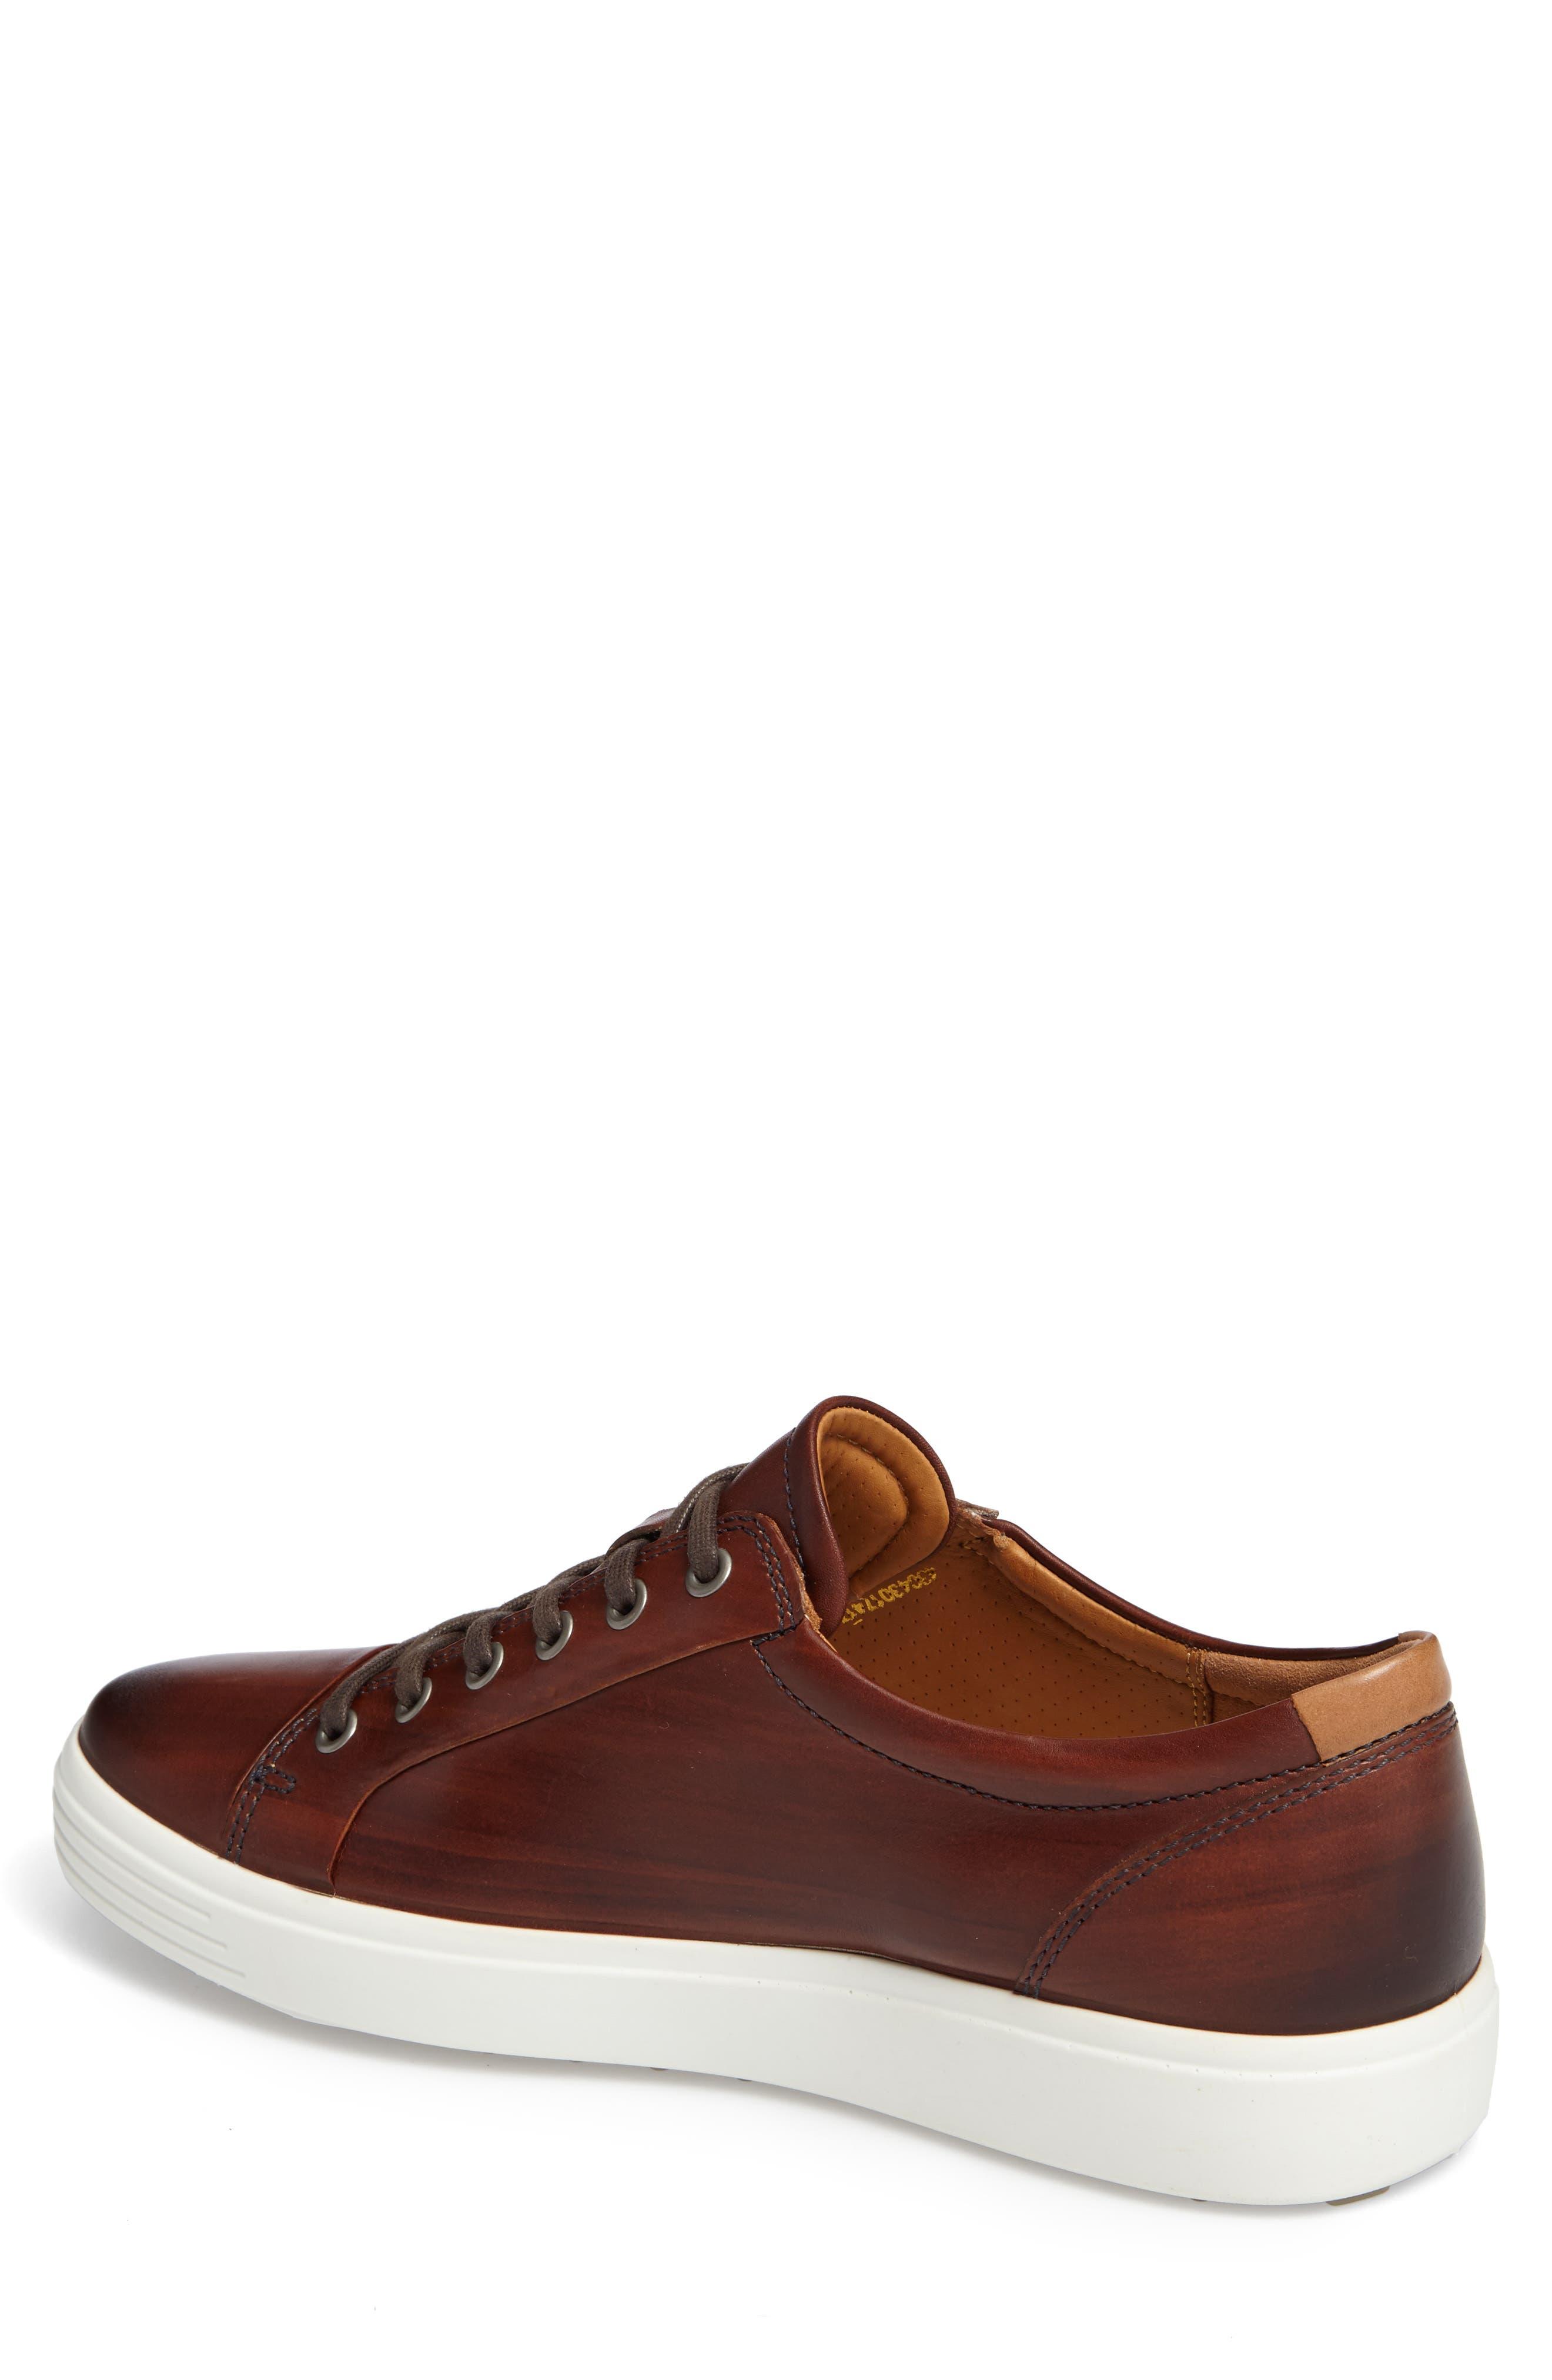 Soft 7 Sneaker,                             Alternate thumbnail 5, color,